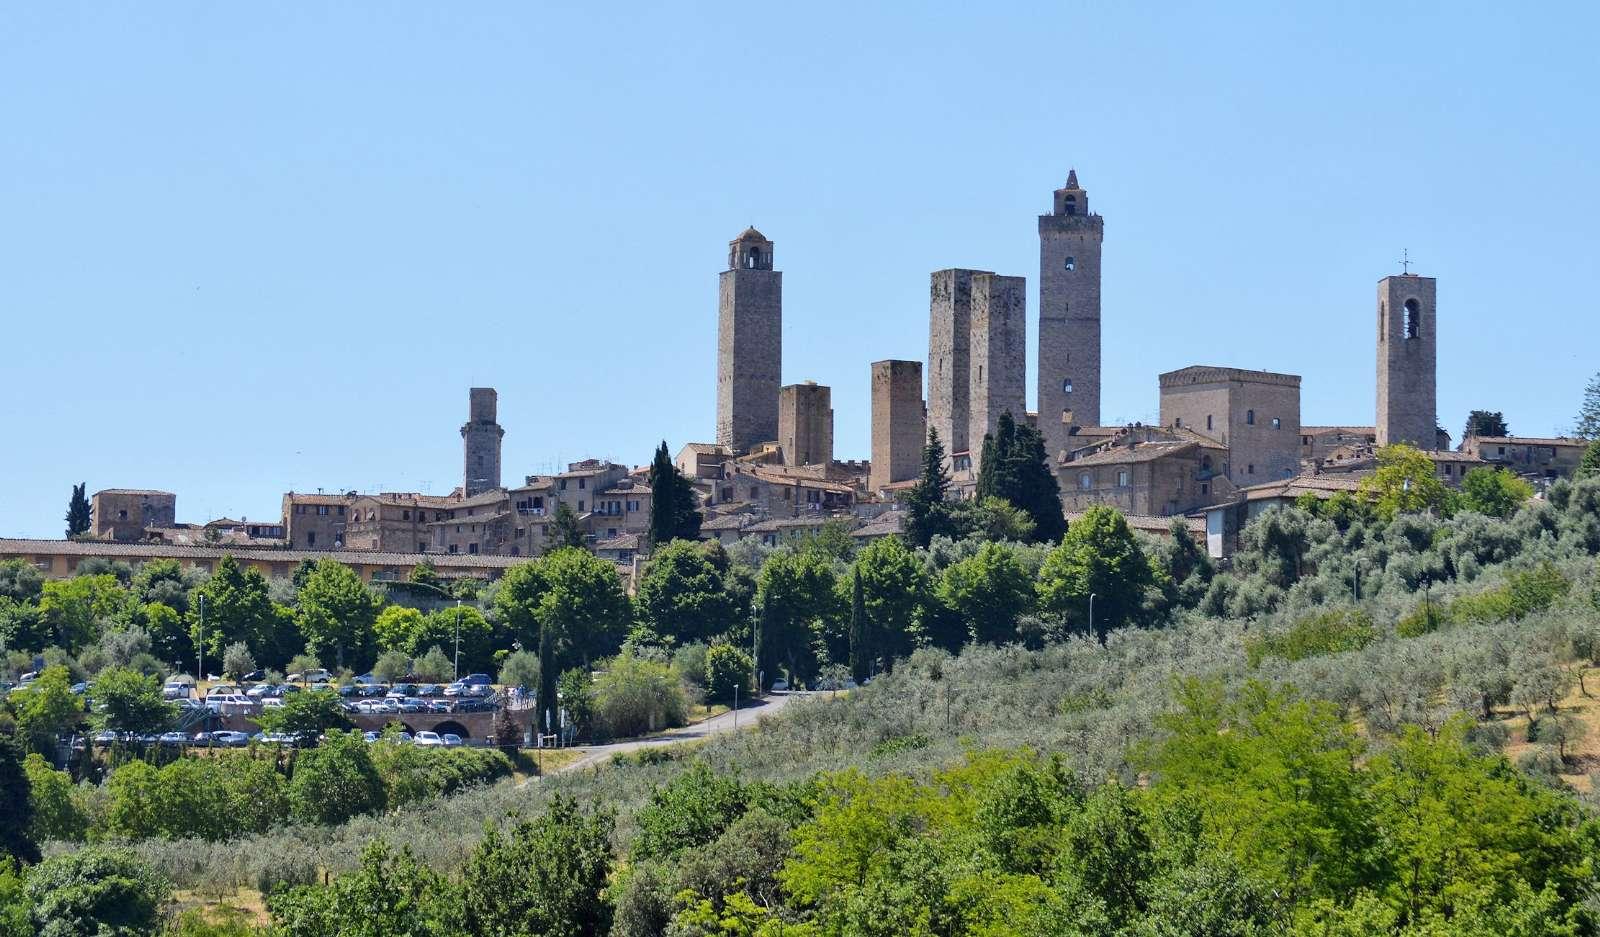 San Gimignano med de vackra tornen